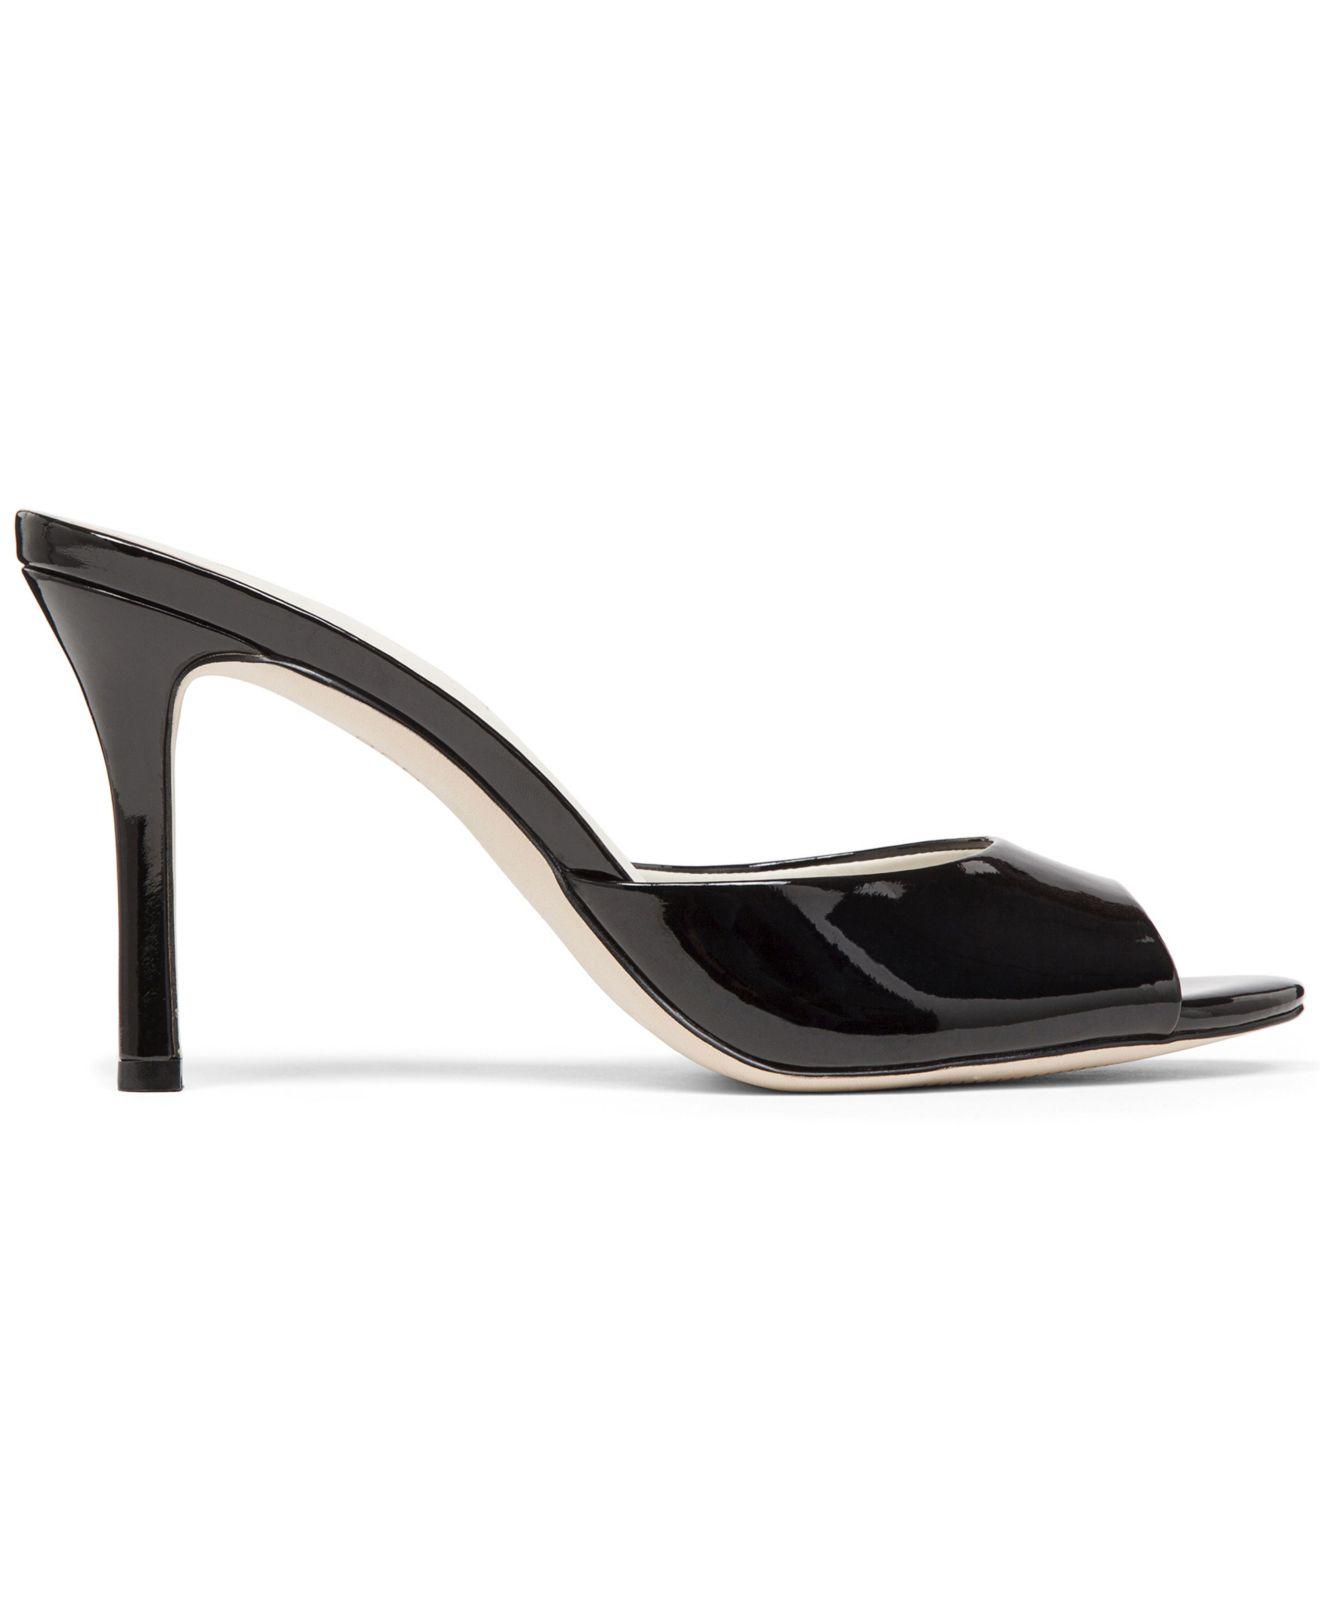 3154c719866 BCBGeneration Black Disco Slide Dress Sandals